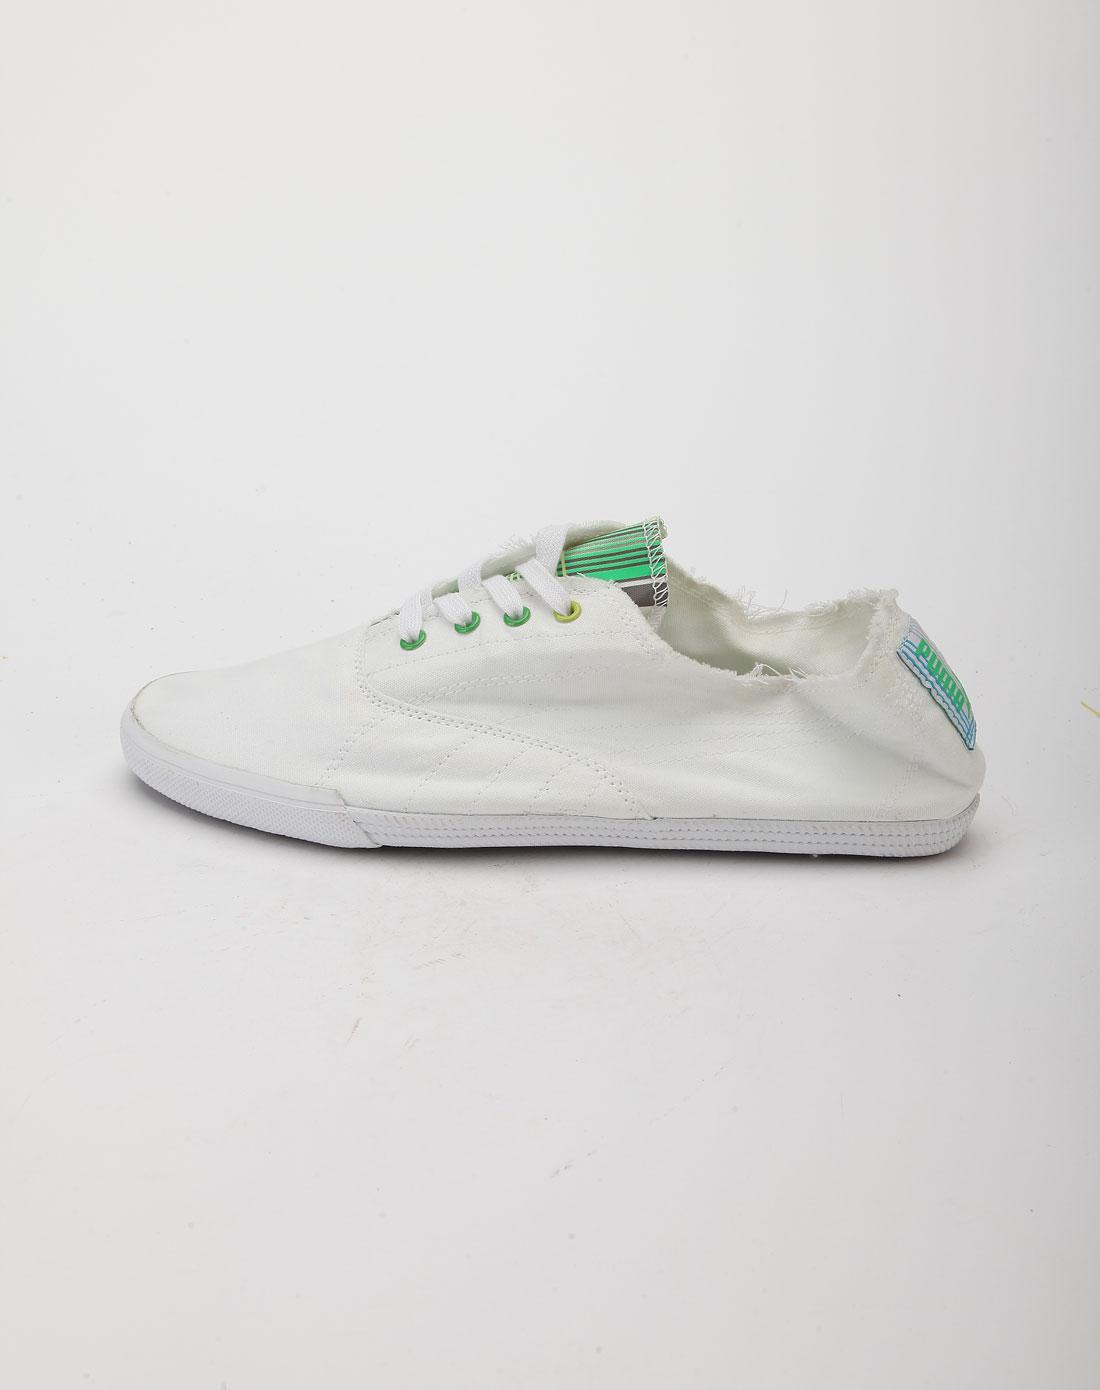 彪马puma白色休闲鞋35200401